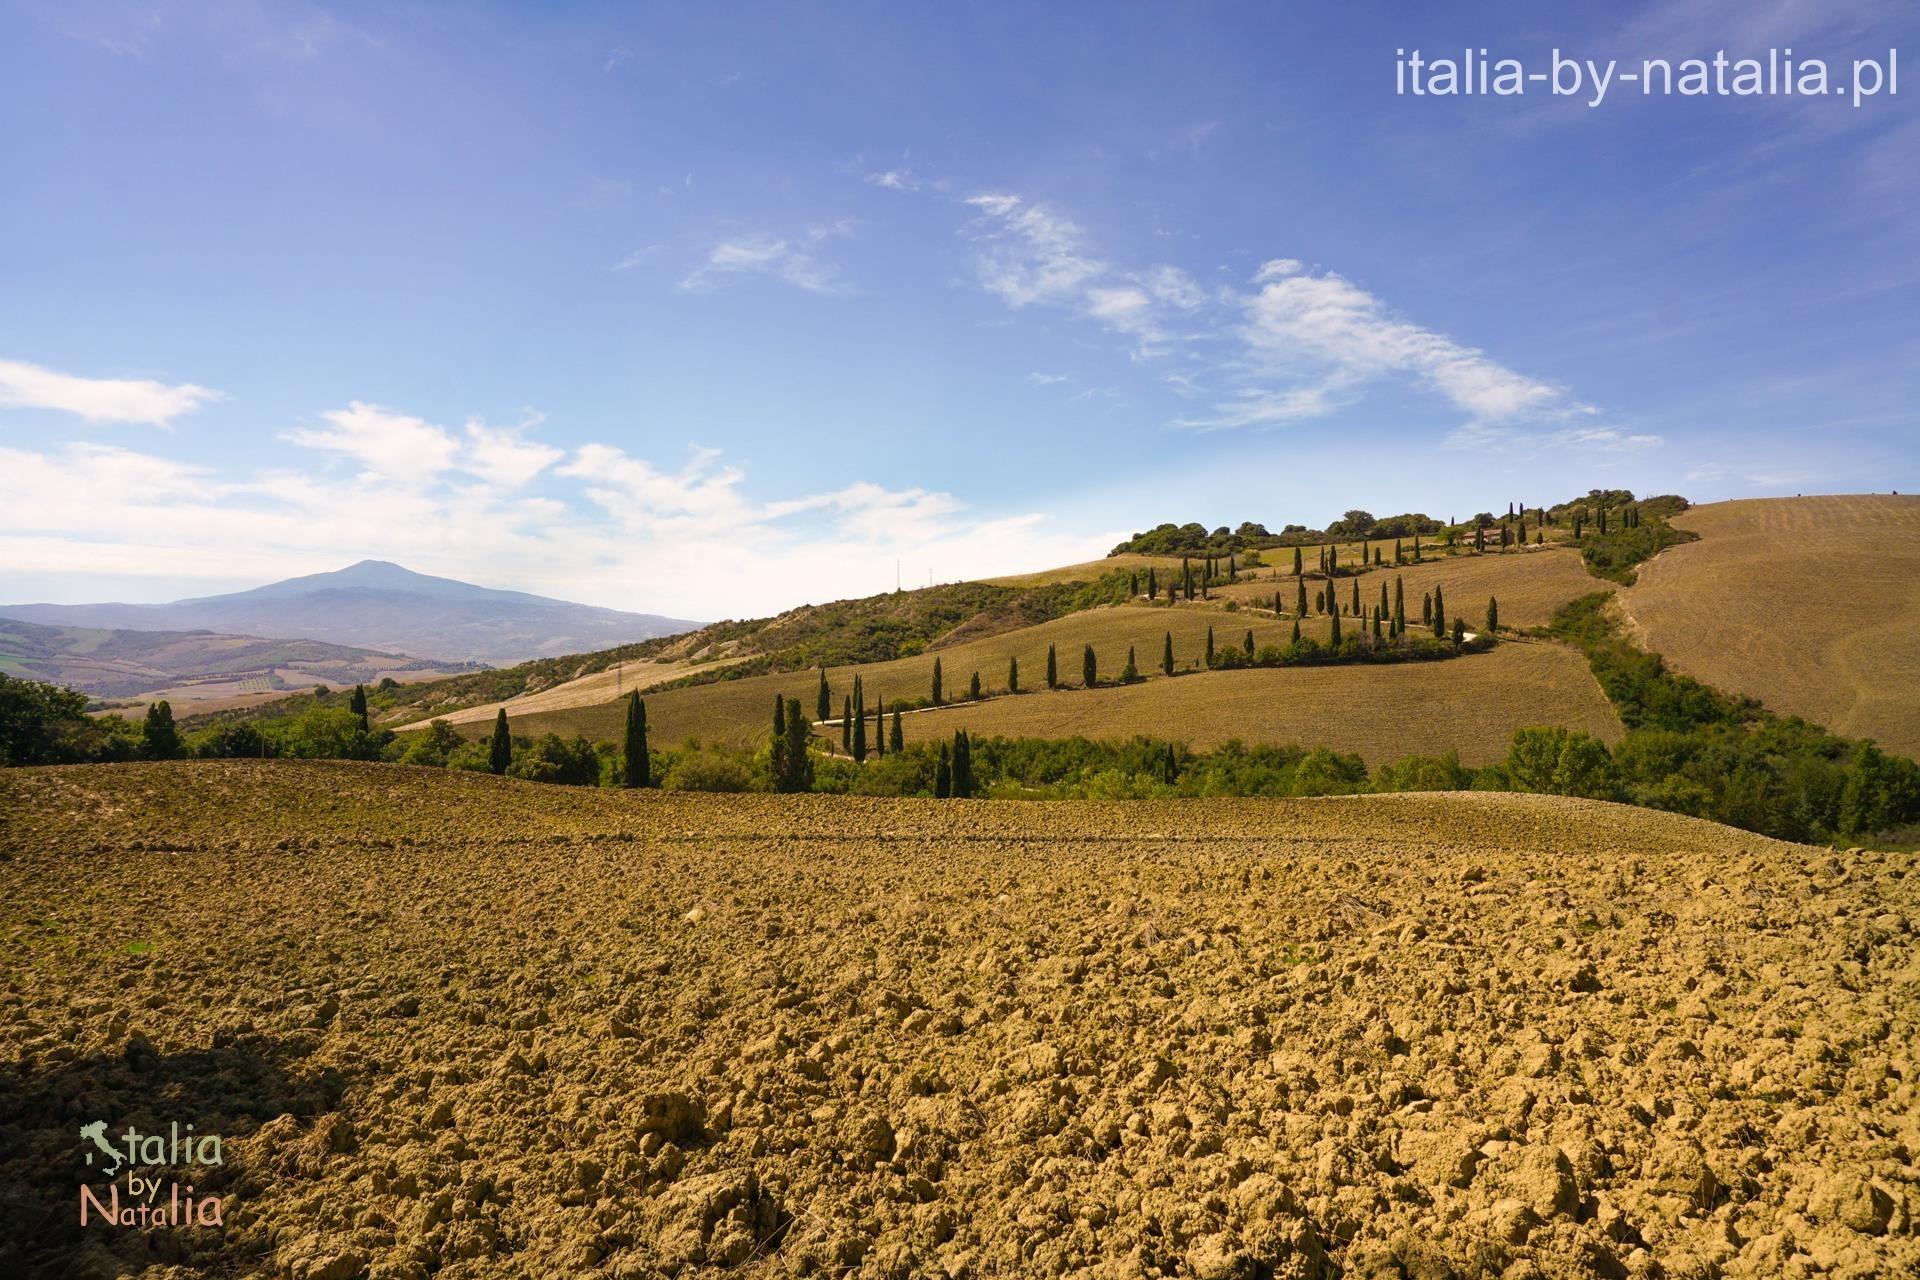 La Foce zawijaniec cyprysowy jesień Val di Orcia Toskania jesienią